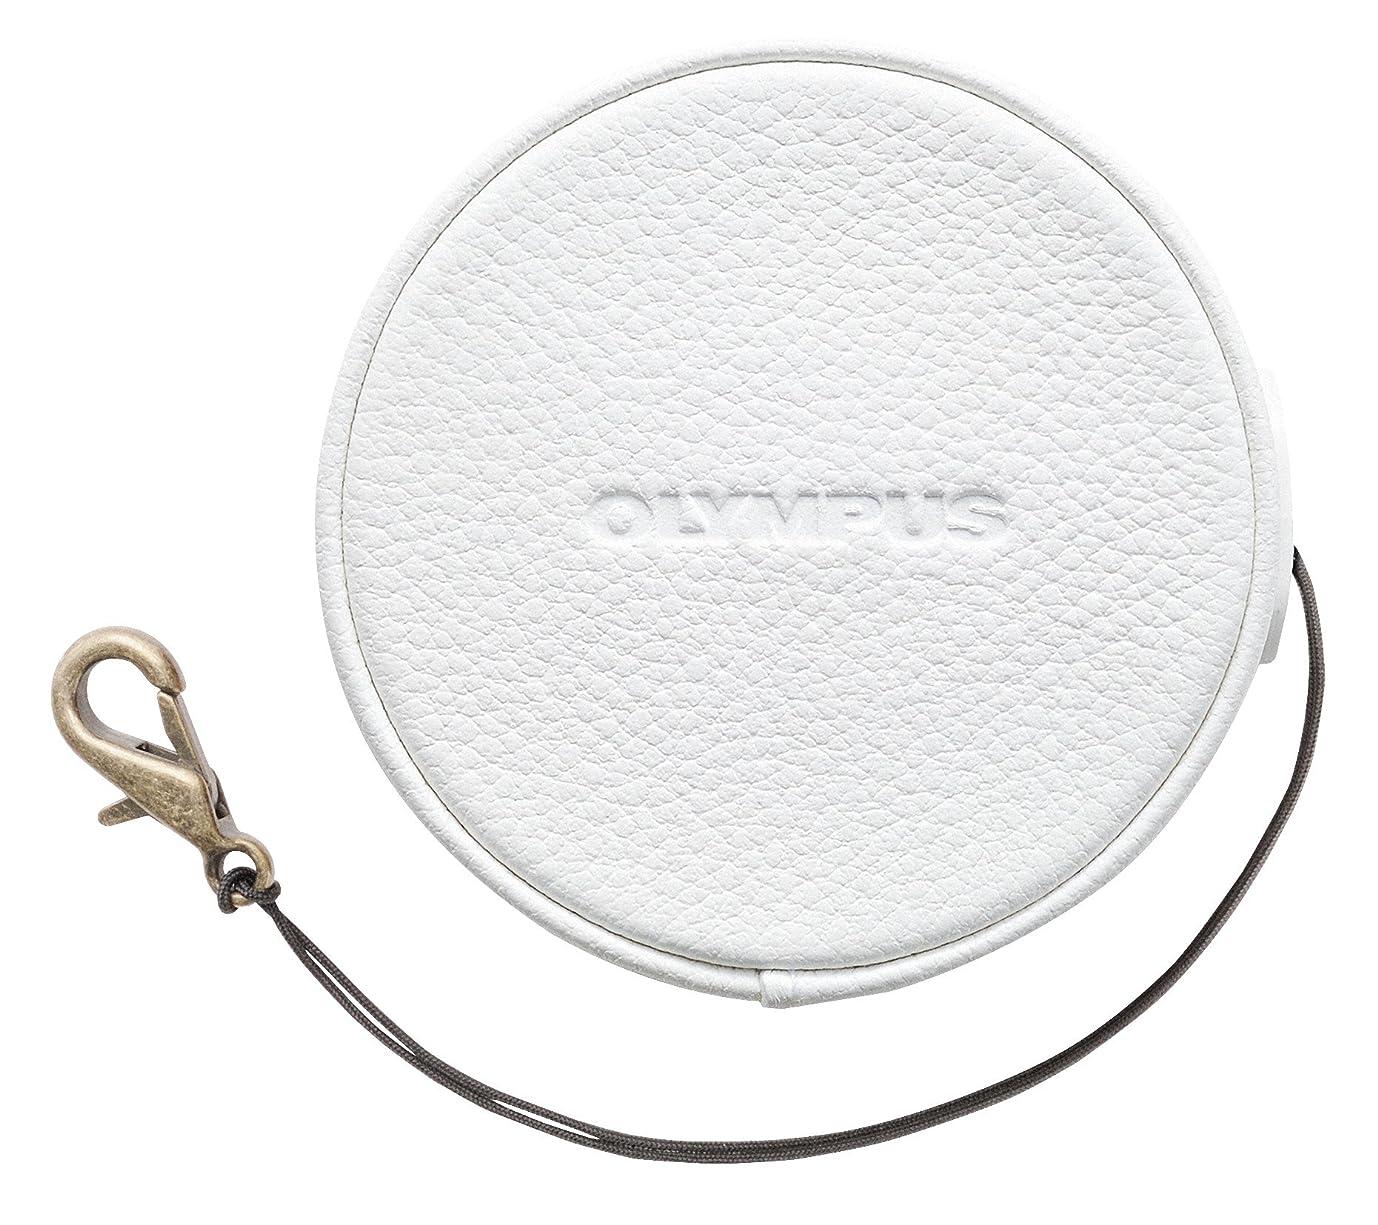 省びん竜巻OLYMPUS 14-42mm EZ レンズ用 本革レンズジャケット ホワイト LC-60.5GL WHT